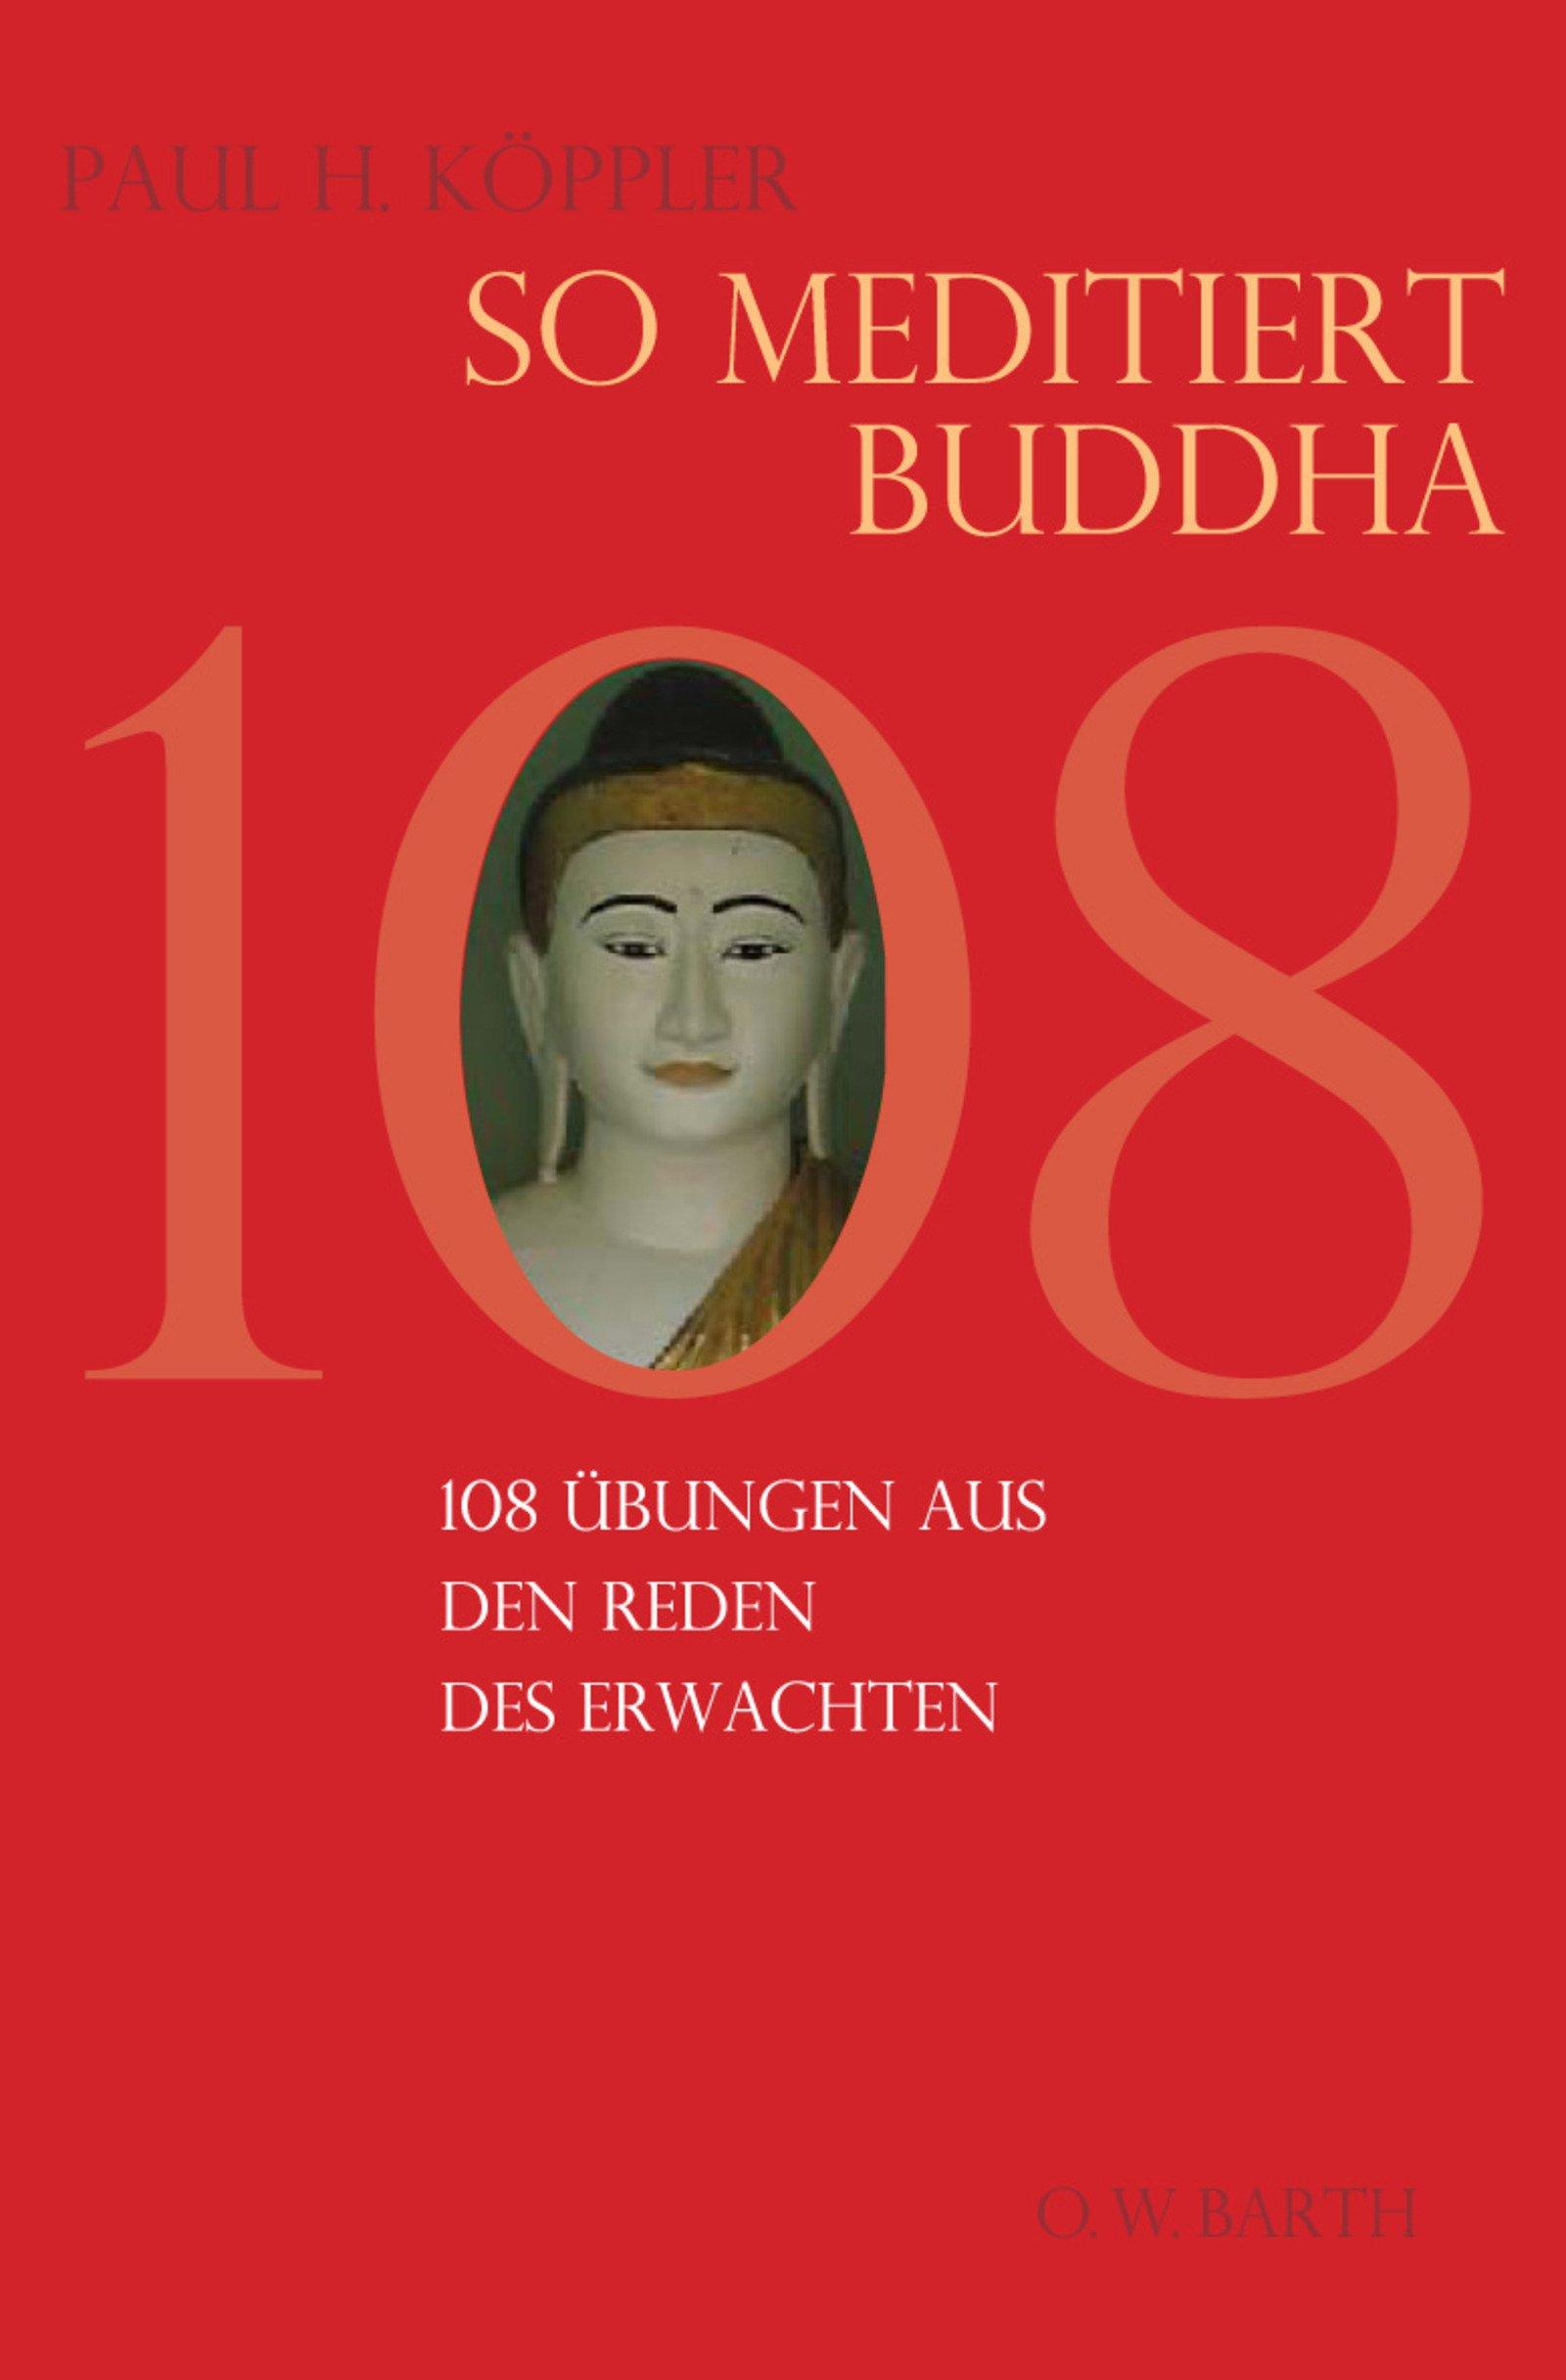 So meditiert Buddha: 108 Übungen aus den Reden des Erwachten